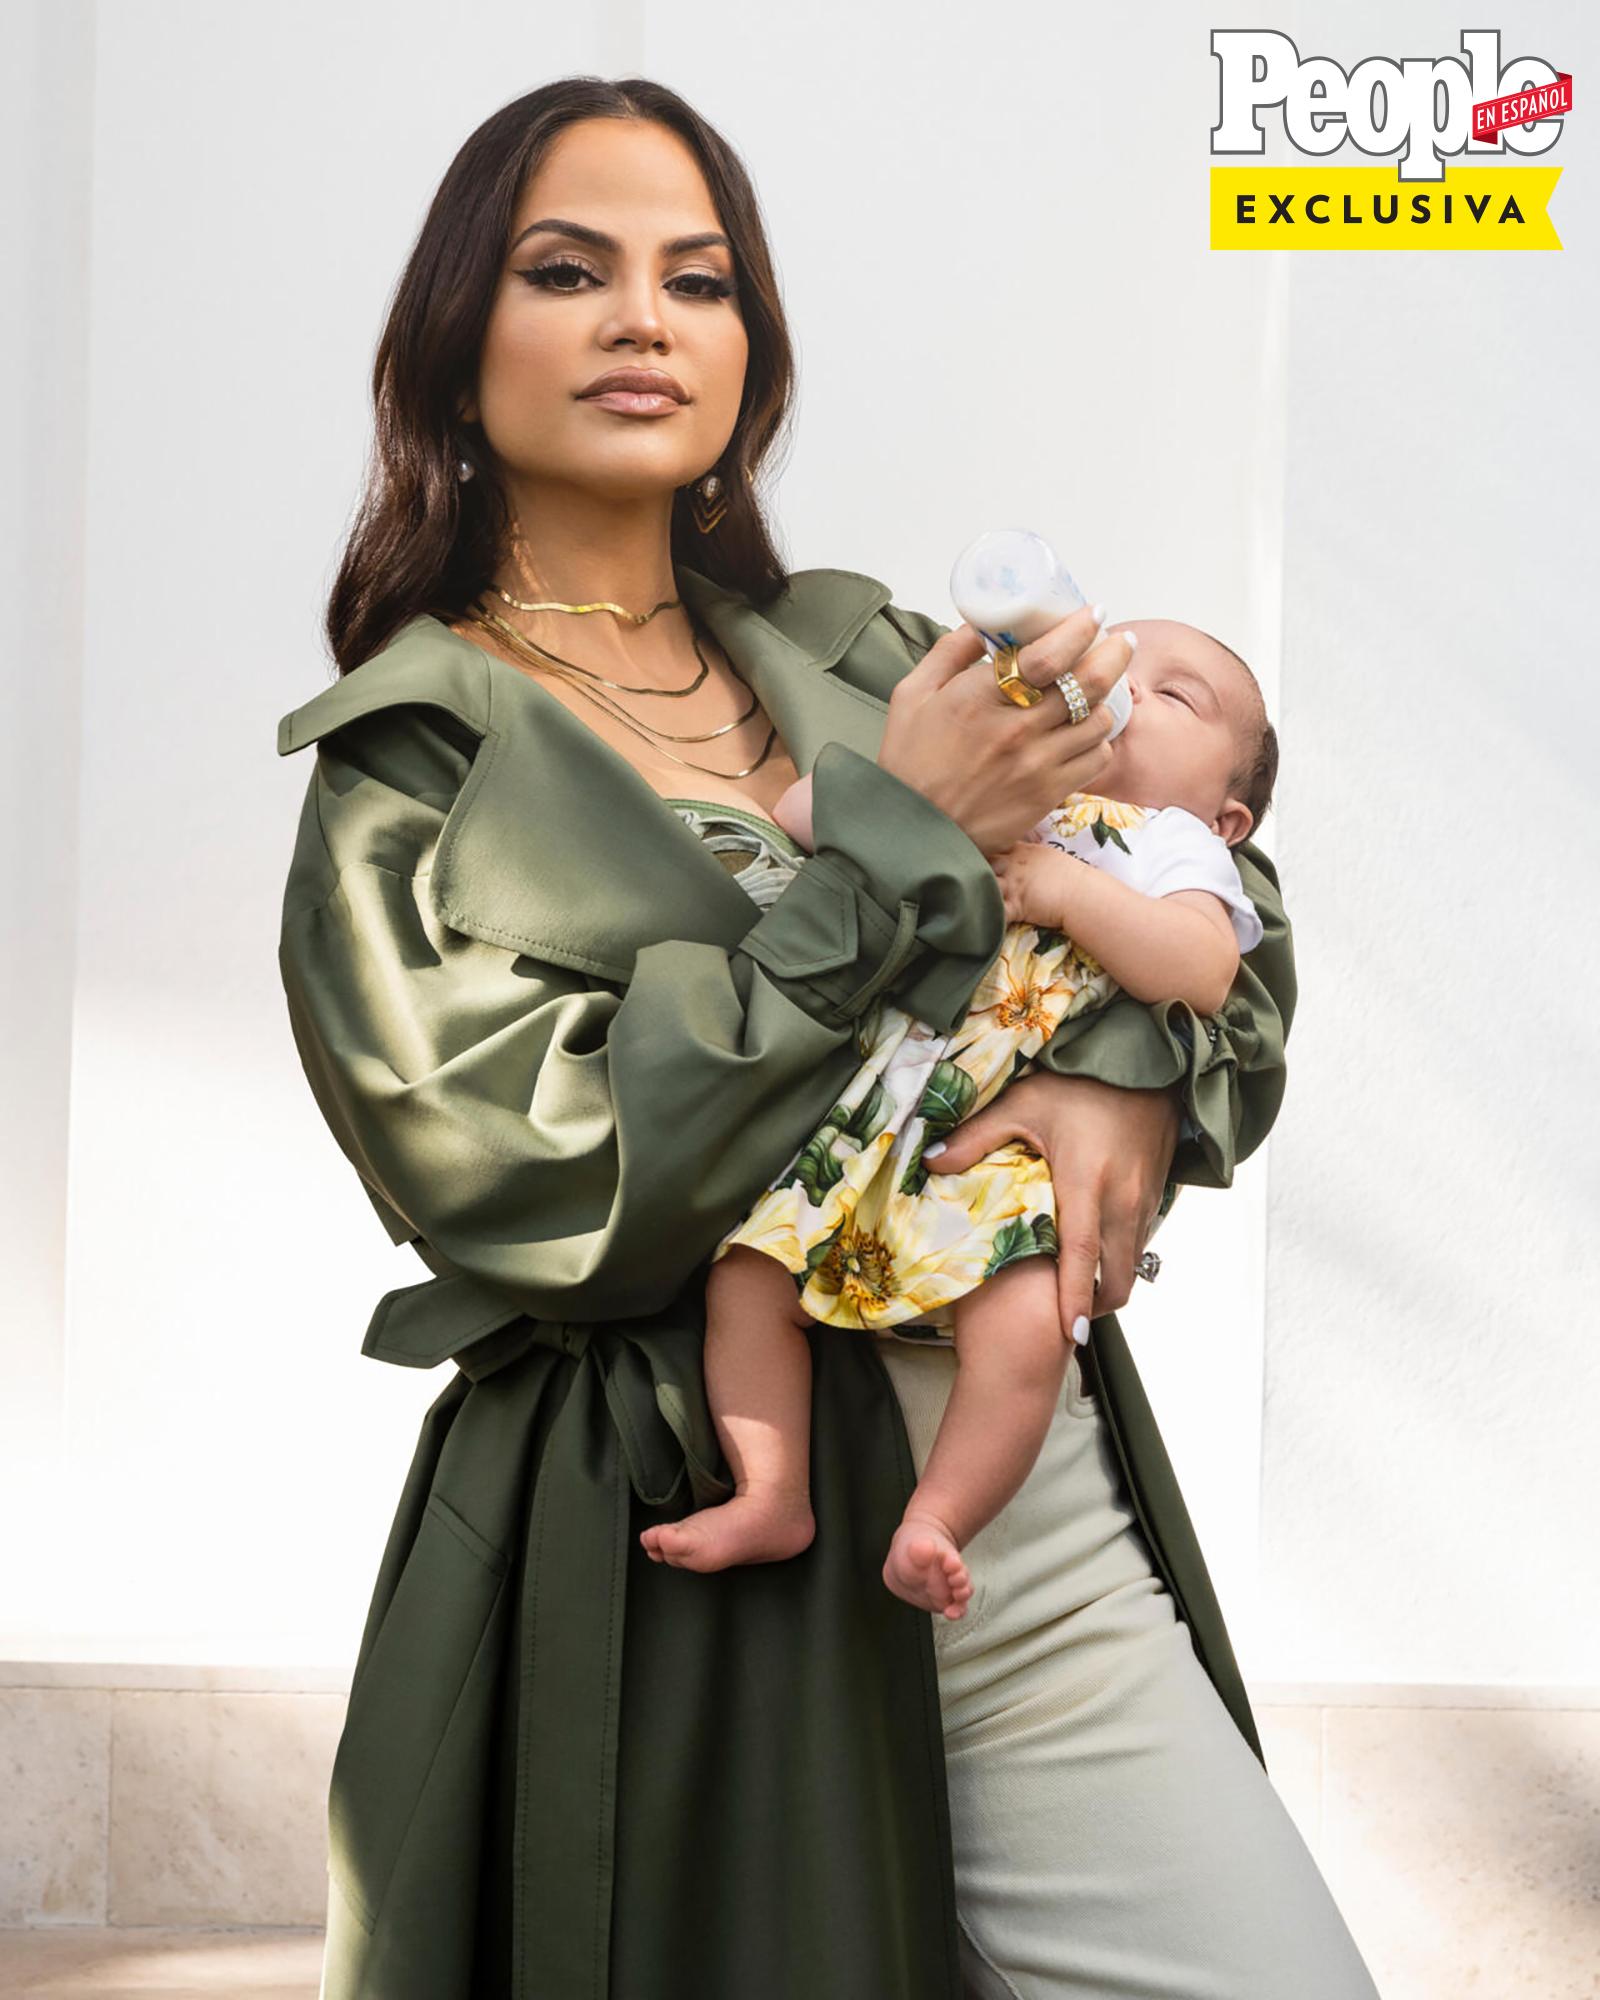 Natti Natasha Cover Story